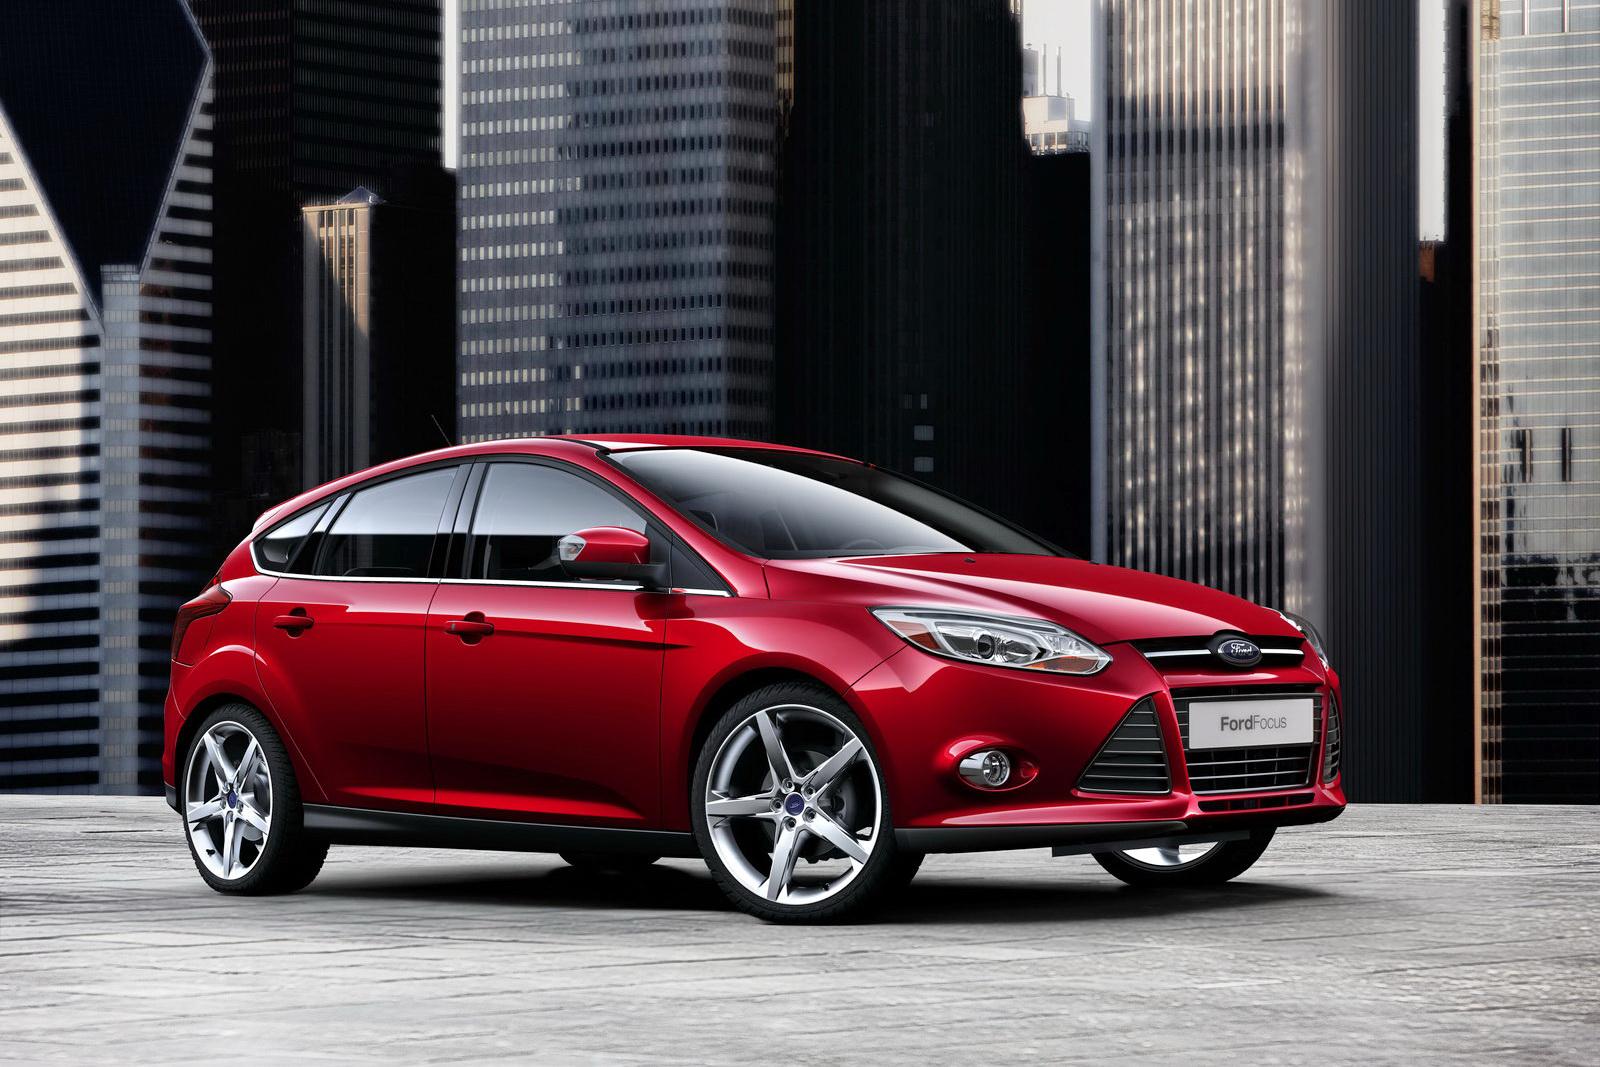 Форд фокус 2011 фото